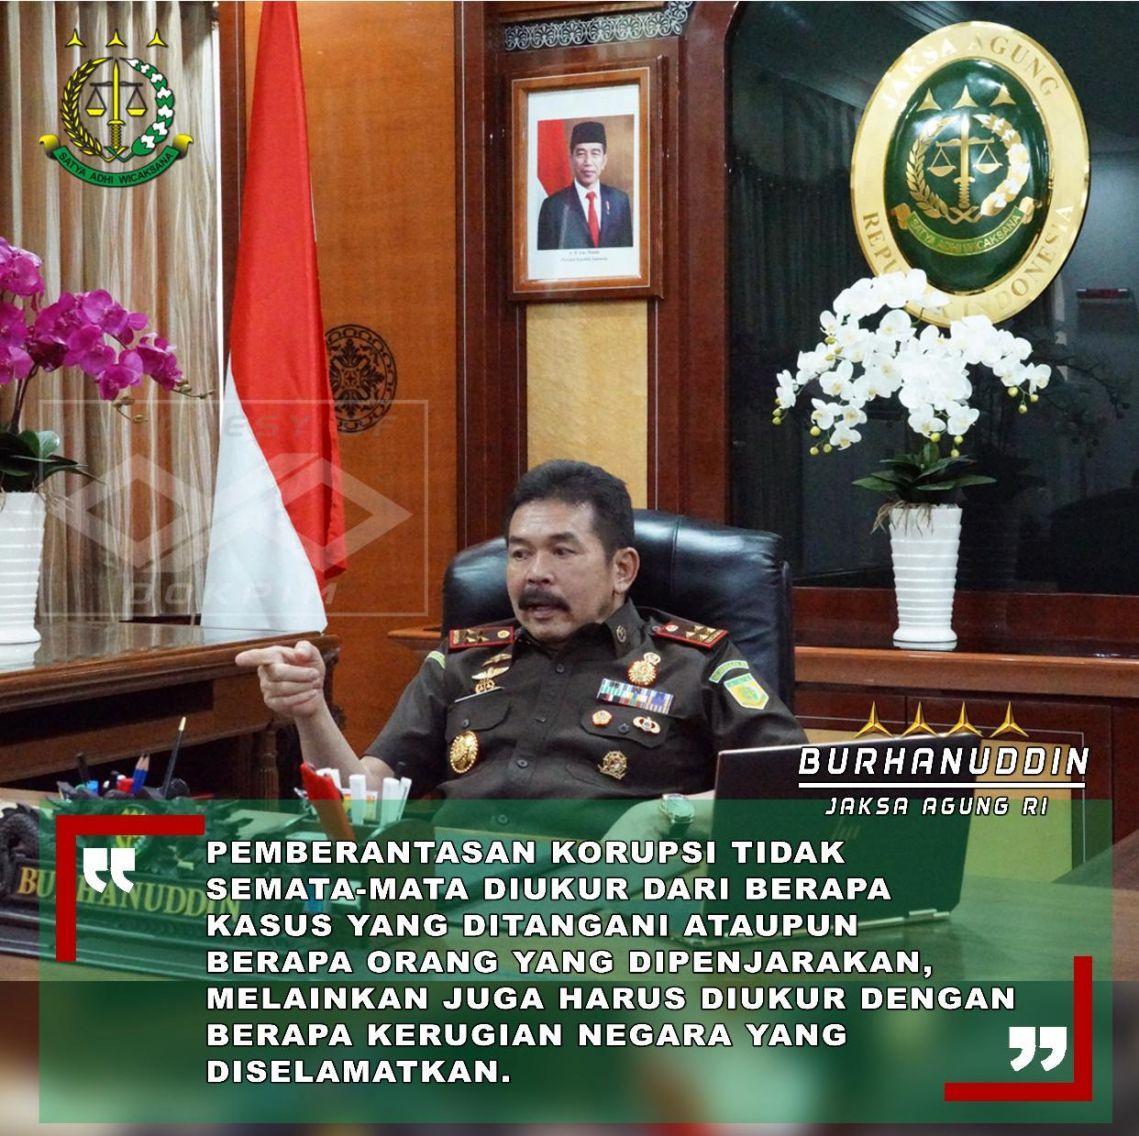 Pemberantasan korupsi 18-06-2020